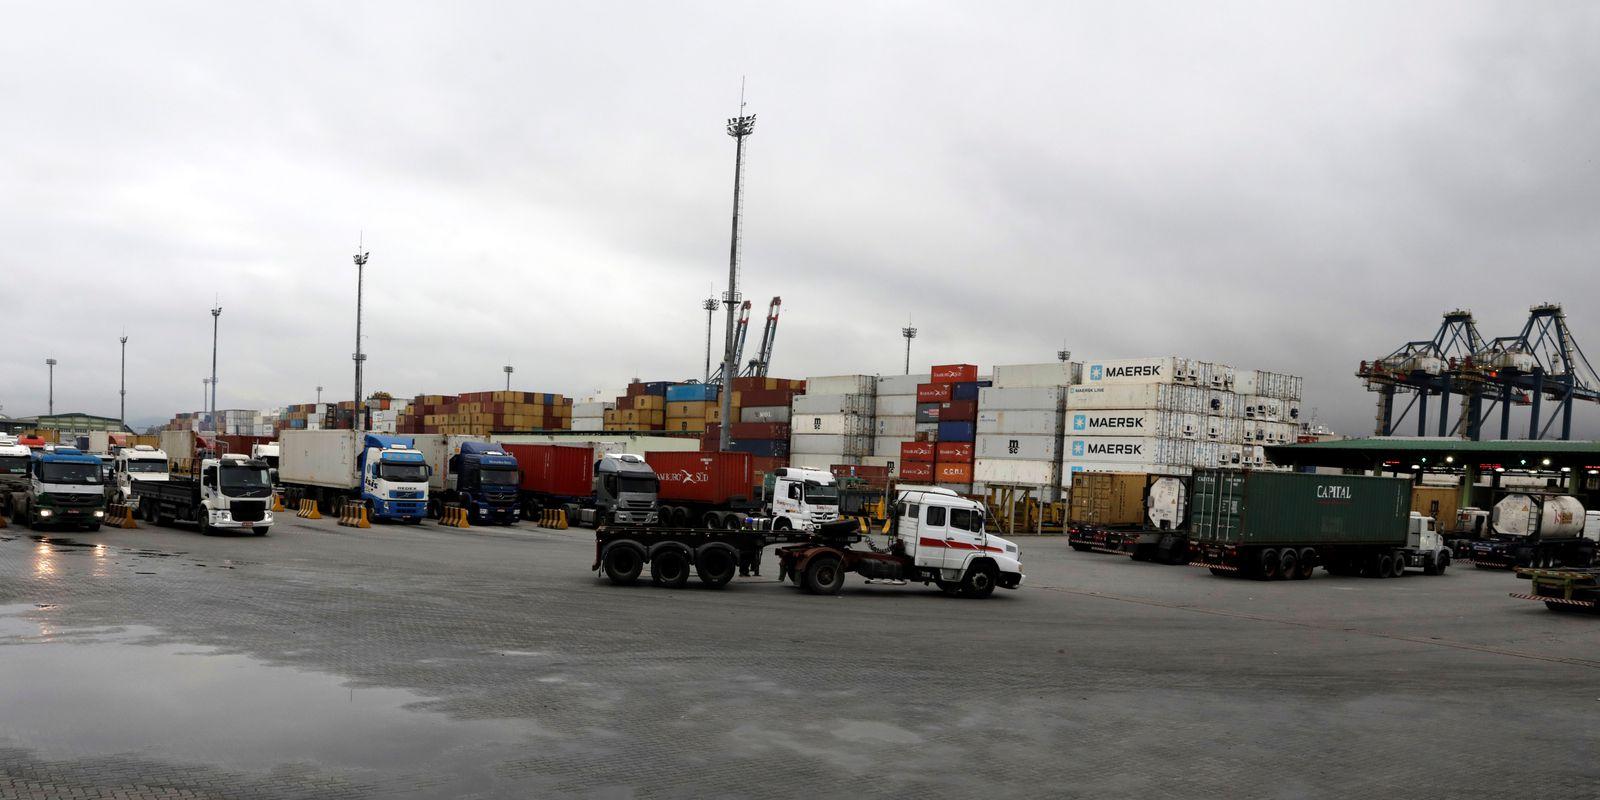 Caminhões circulam na área do Porto de Santos (SP)